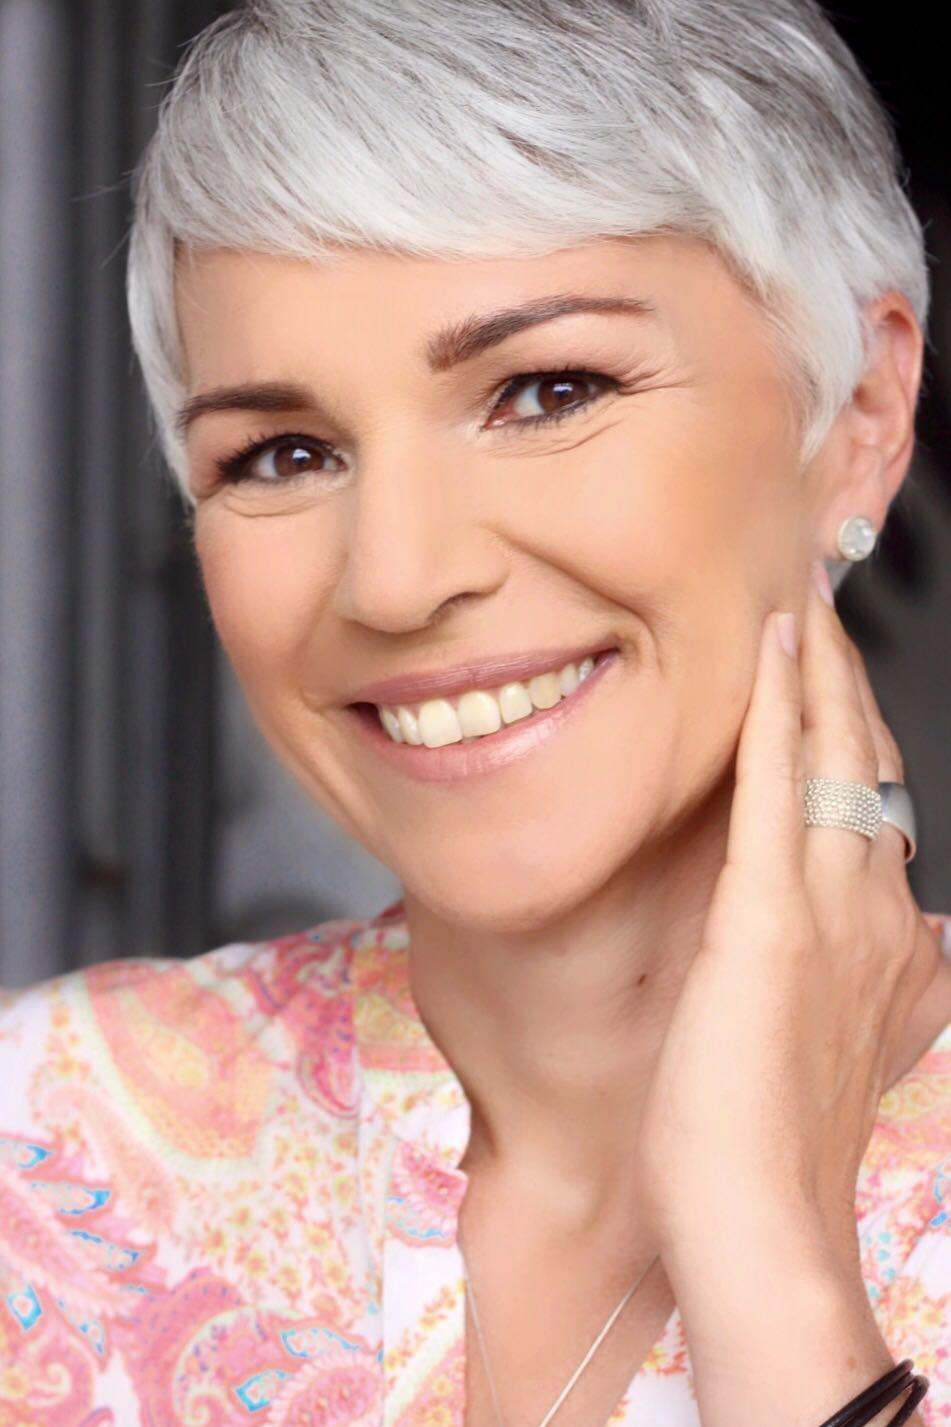 Kerstin Sch.